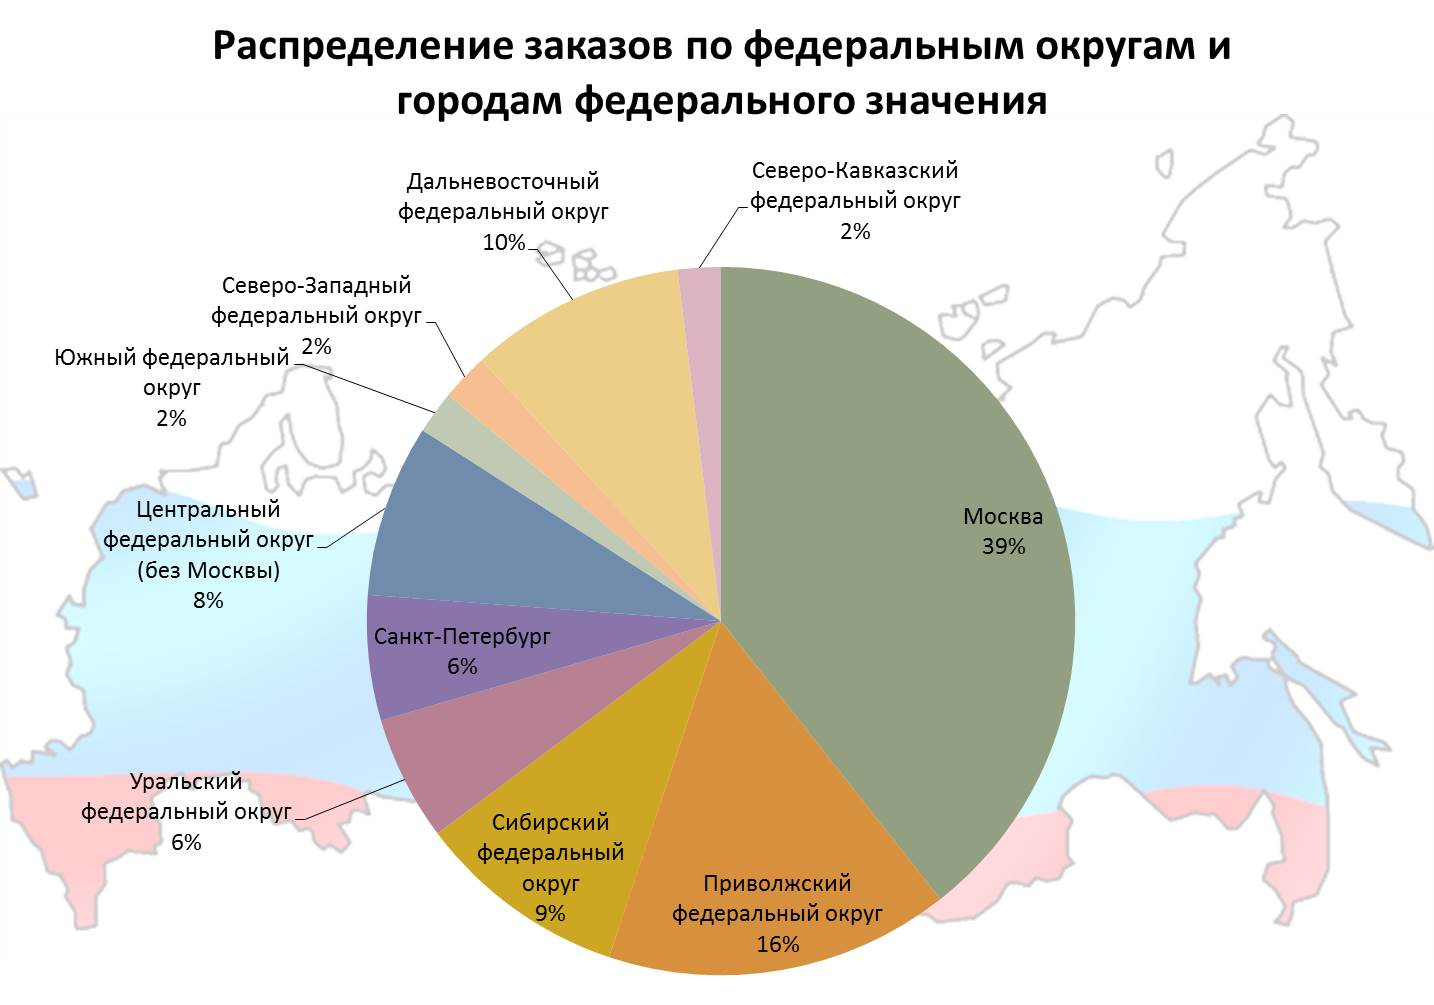 Интернет-реклама и развитие в регионы реклама - интернет особенности